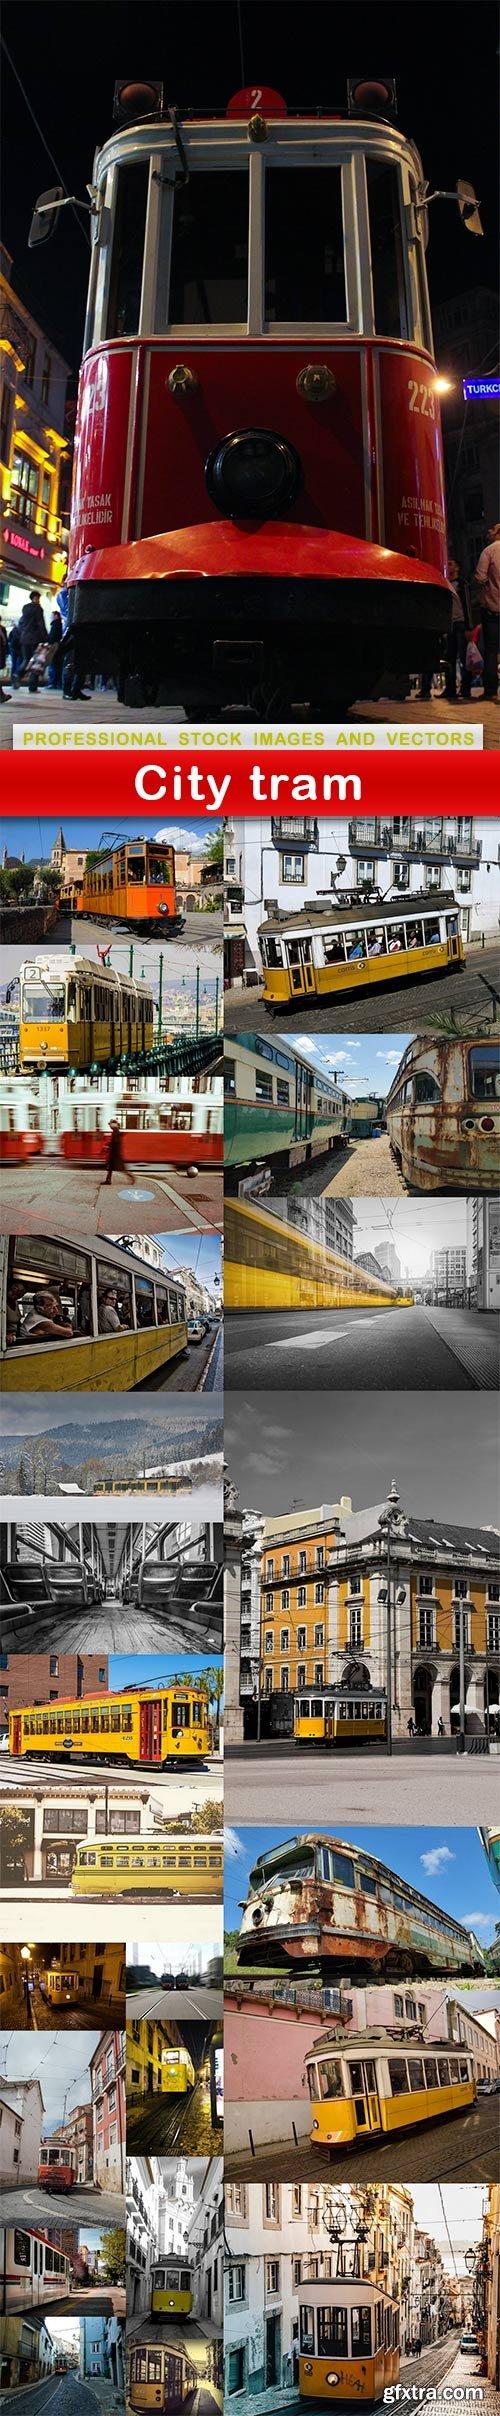 City tram - 24 UHQ JPEG